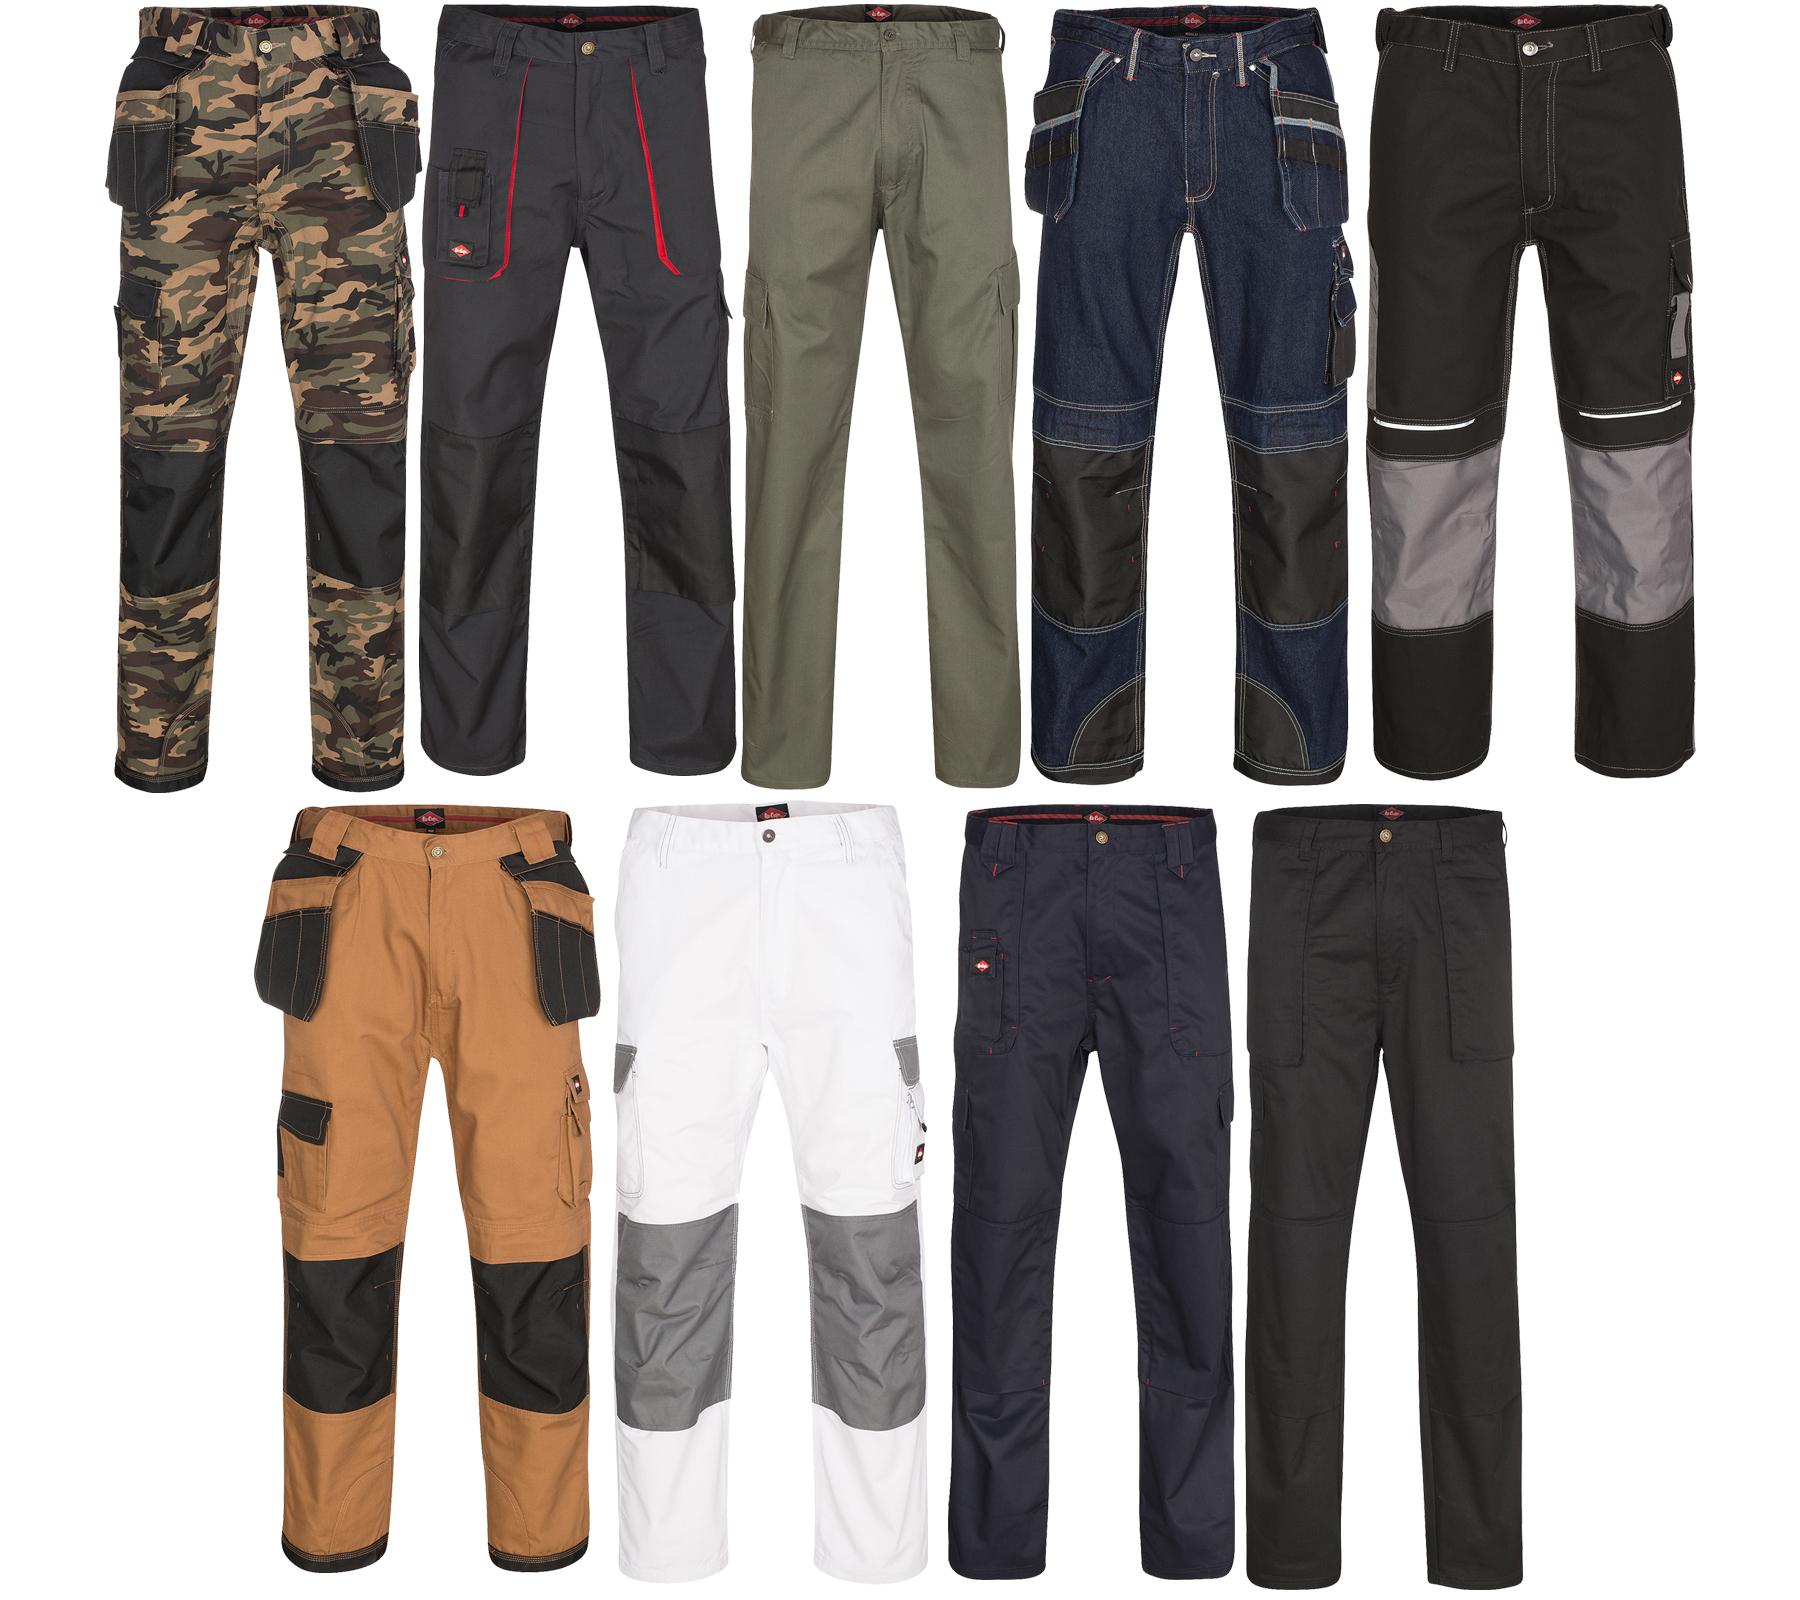 Lee Cooper Workwear Cargo Herrenarbeitshose für 9,99€ inkl. Versand, div. Größen u. Farben @ebay / Outlet46